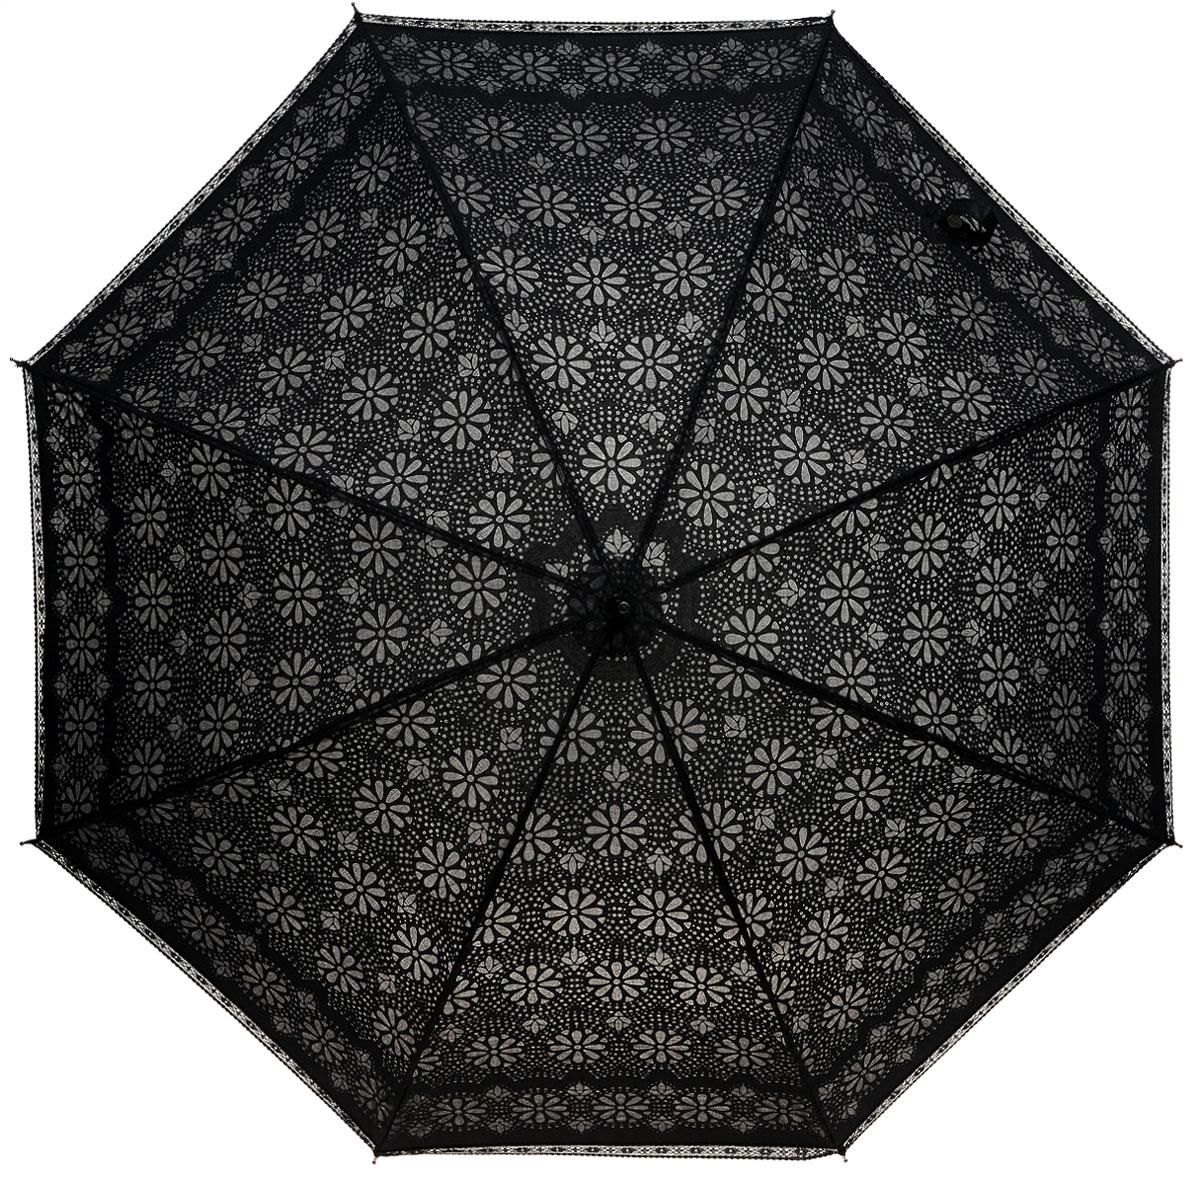 Зонт-трость женский Fulton Eliza, механический, цвет: черный. L600-144745100636-1/18466/4900NТонкий механический зонт-трость в стиле ретро Fulton Eliza даже в ненастную погоду позволит вам оставаться стильной и элегантной. Каркас зонта включает 8 спиц из фибергласса. Стержень изготовлен из стали. Купол зонта выполнен из прочного полиэстера и оформлен принтом в виде полупрозрачных поблескивающих цветов. Край купола украшен изысканной кружевной оборкой. Изделие дополнено удобной пластиковой рукояткой, обтянутой натуральной кожей. На стержне для удобства есть небольшой снимающийся шнурок с кисточками, позволяющий надеть зонт на руку при необходимости.Зонт механического сложения: купол открывается и закрывается вручную до характерного щелчка. Модель застегивается с помощью хлястика на кнопку.Такой зонт не только надежно защитит вас от дождя, но и станет стильным аксессуаром, который идеально подчеркнет ваш неповторимый образ.